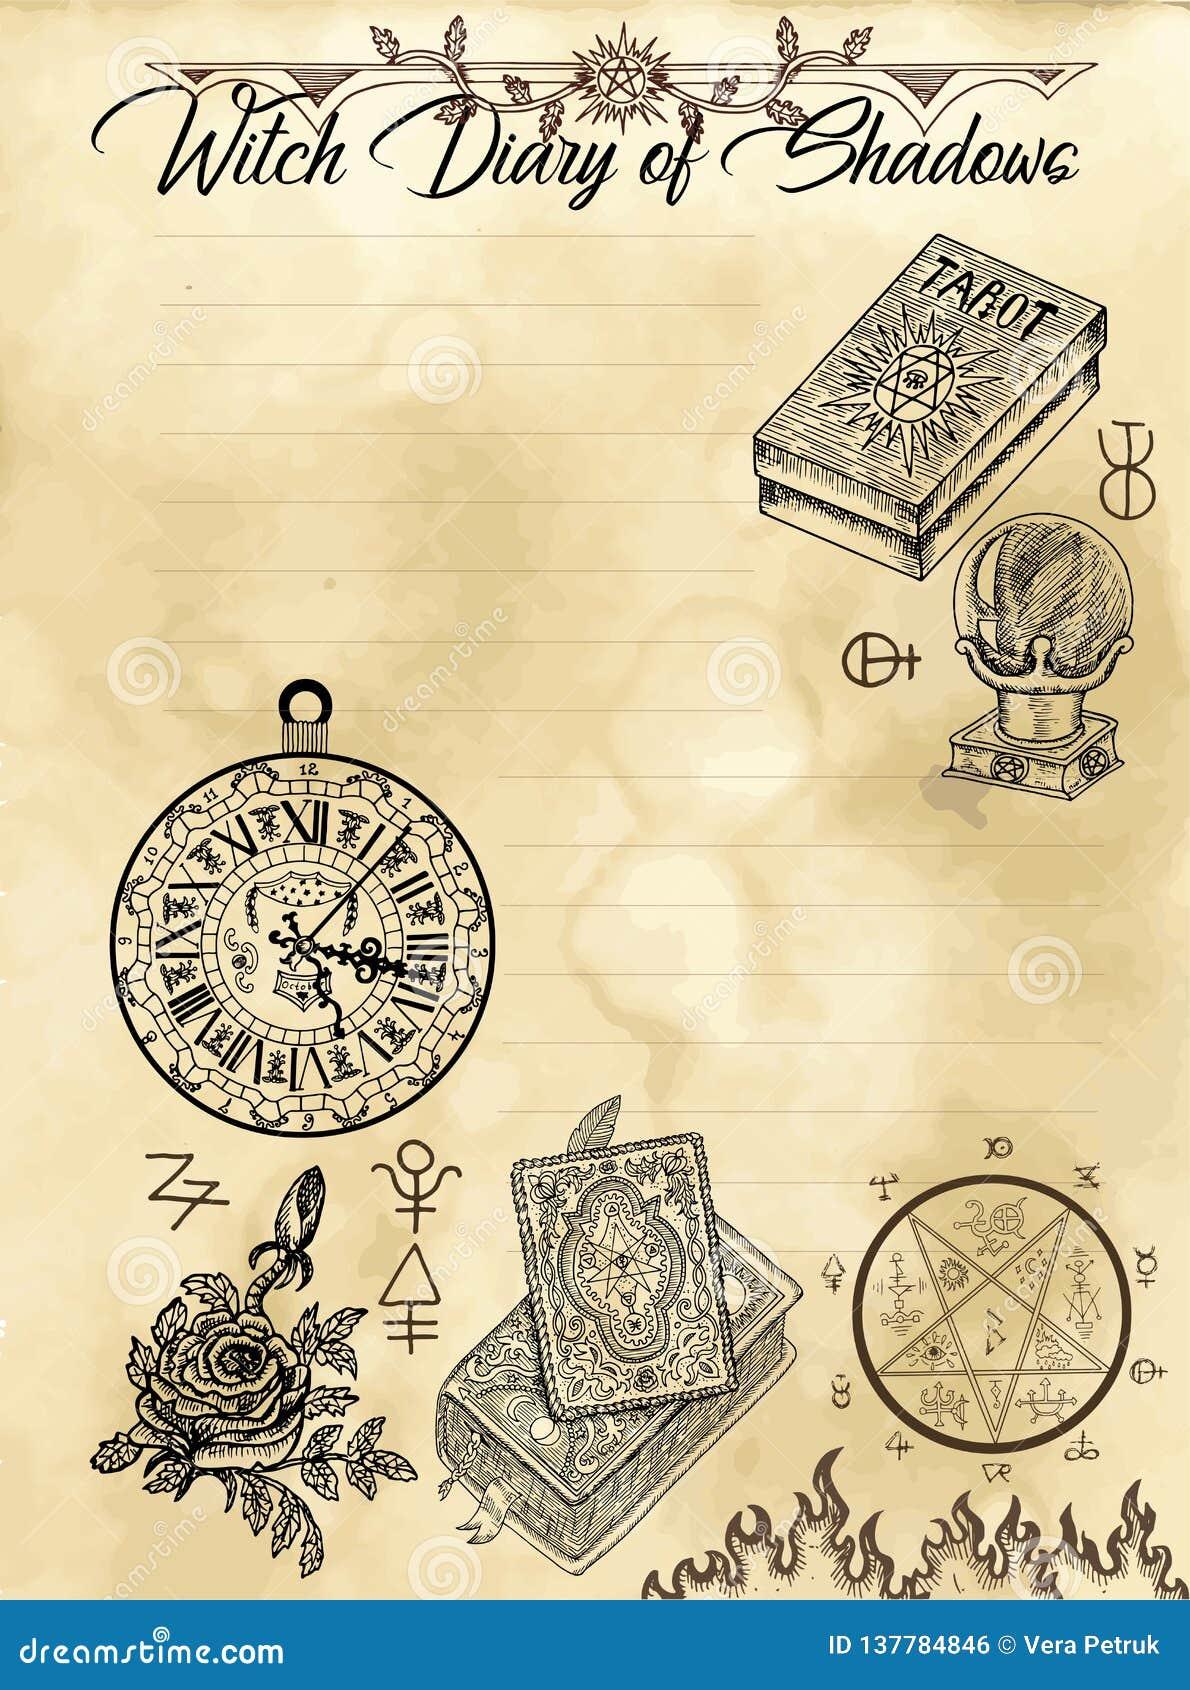 Страница 4 дневника ведьмы 31